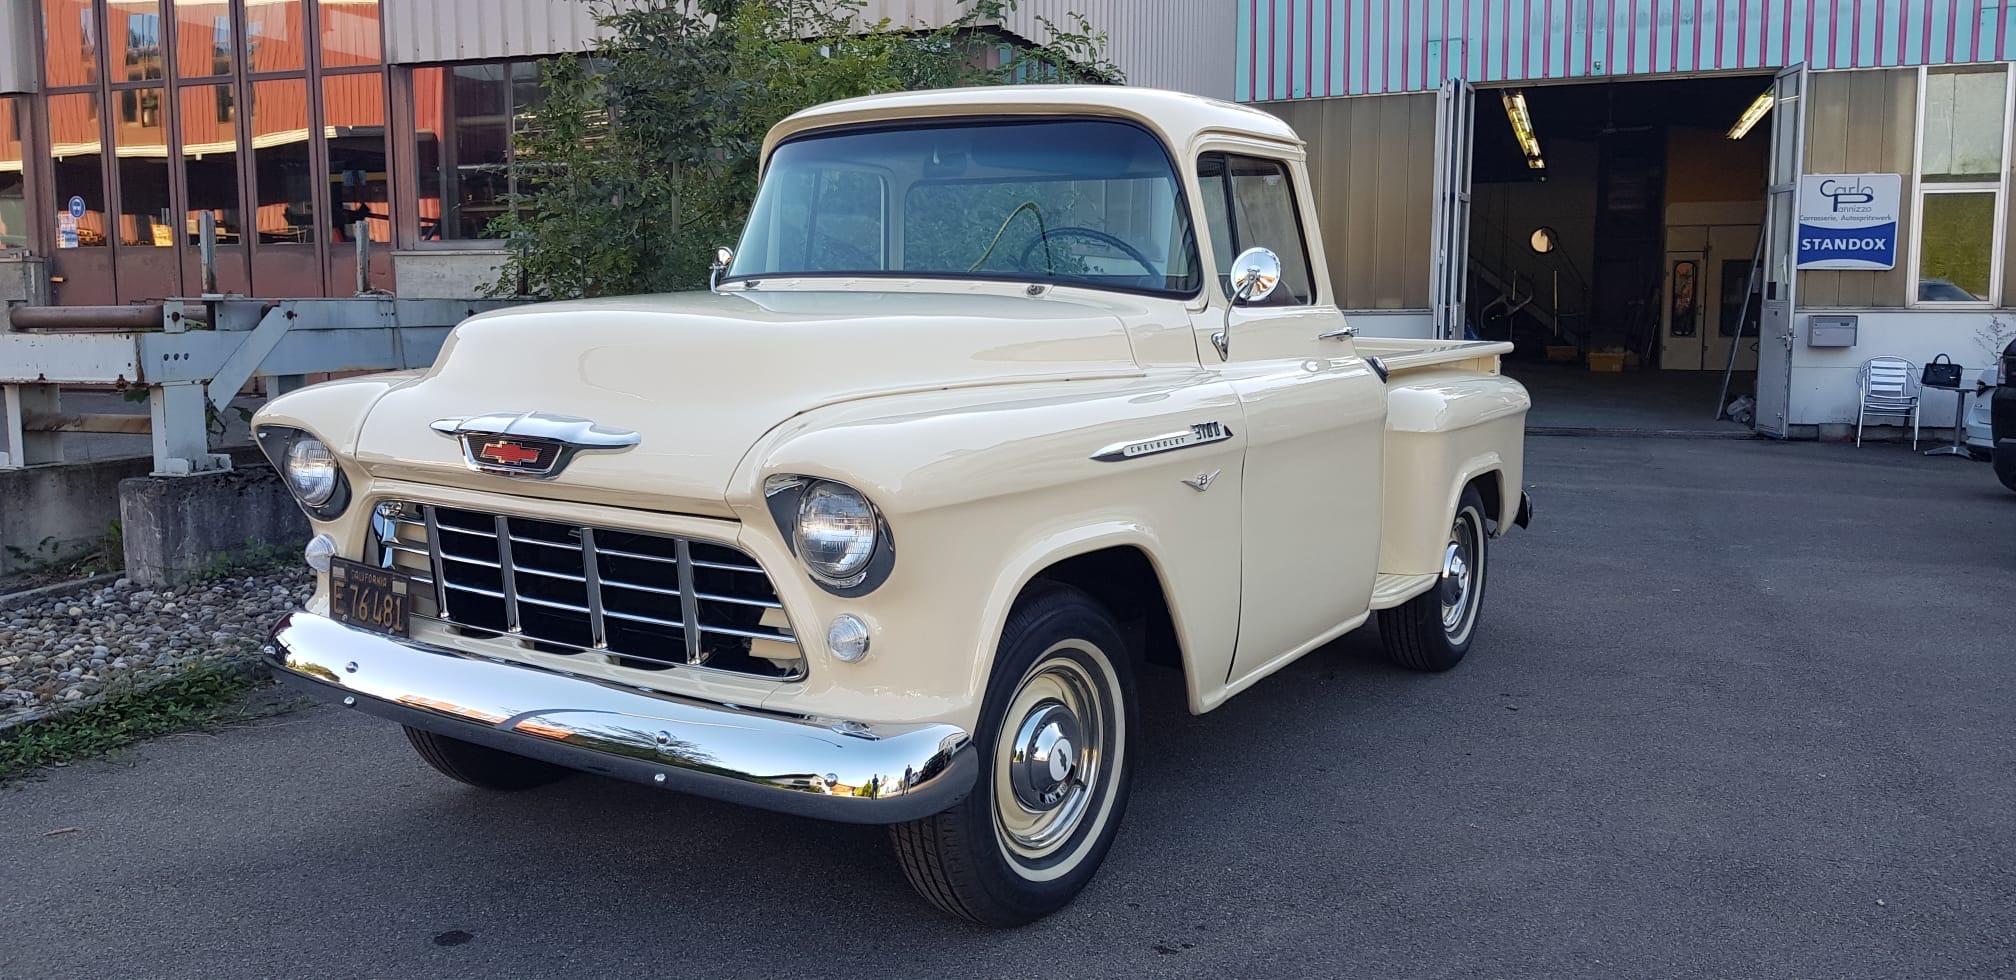 pickup Chevrolet Task Force 1955 Task Force 3100 Step Side Pick Up 4.3V8 Automatik